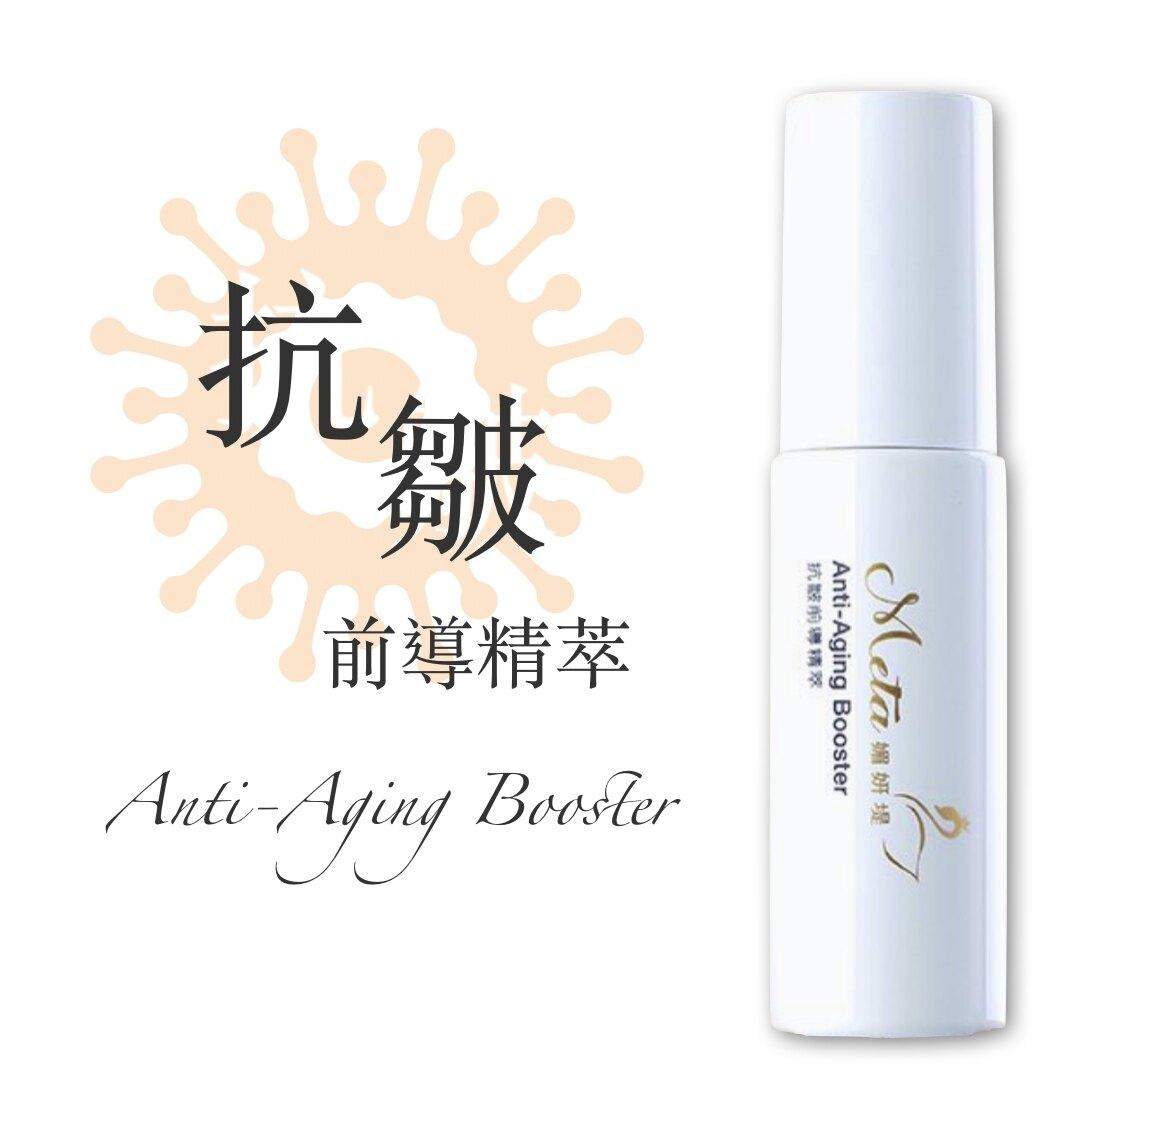 抗皺前導精萃 Anti-Aging Booster  30ml